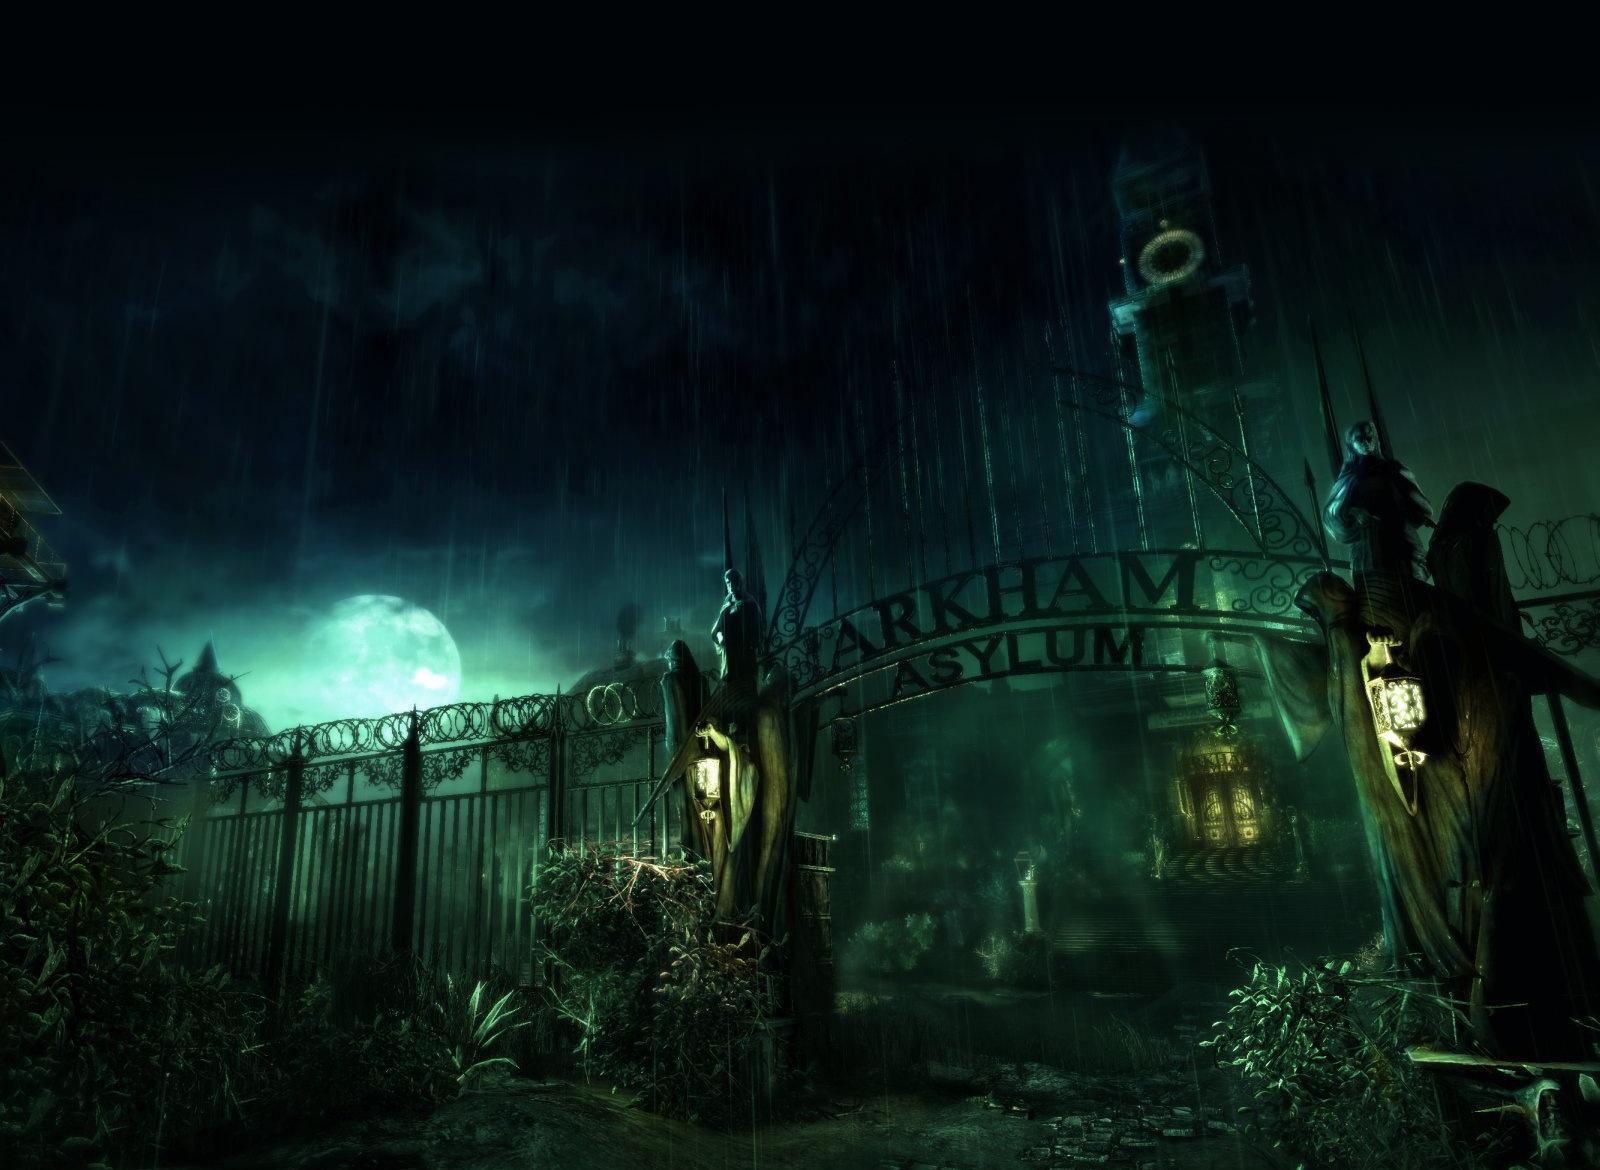 Arkham_Asylum_(DC)